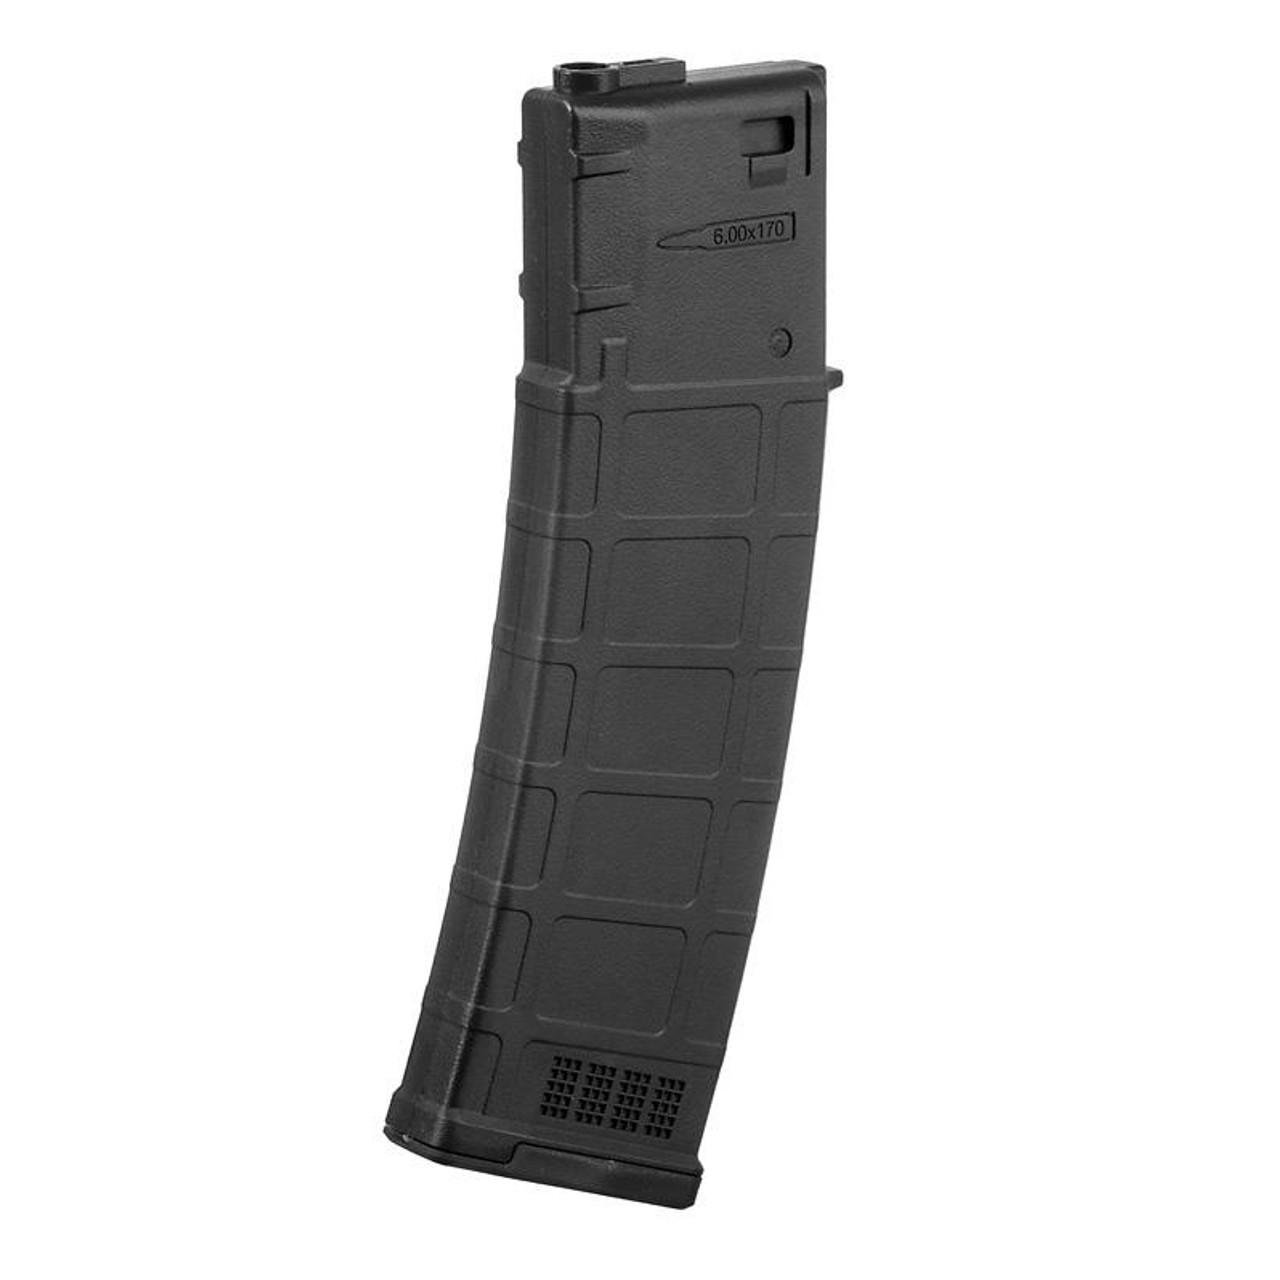 Ares AMAG 170 Round Magazine Box of 5 - Black